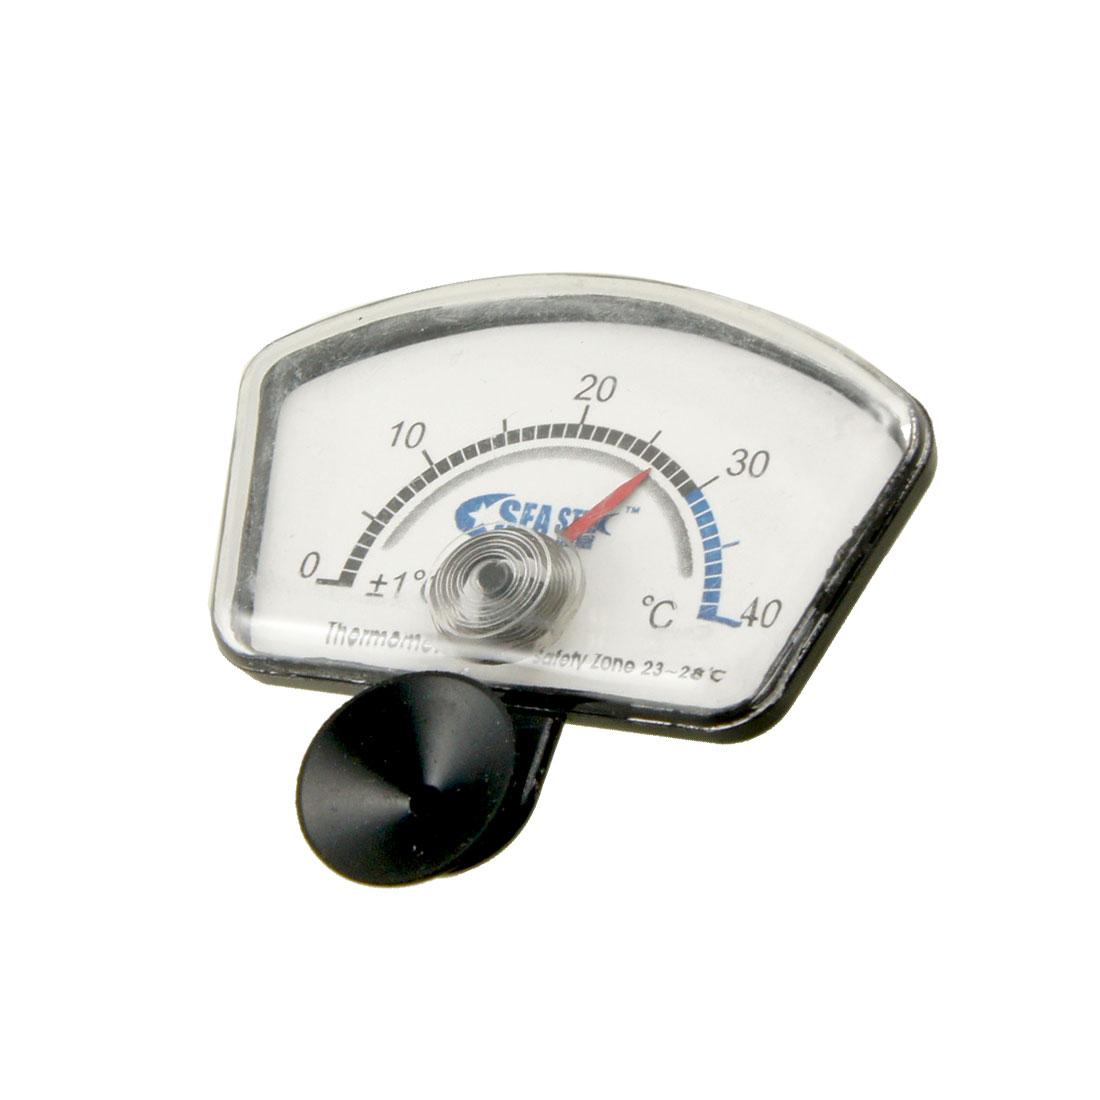 10-40 Celsius Degree Submersible Fish Tank Aquarium Thermometer